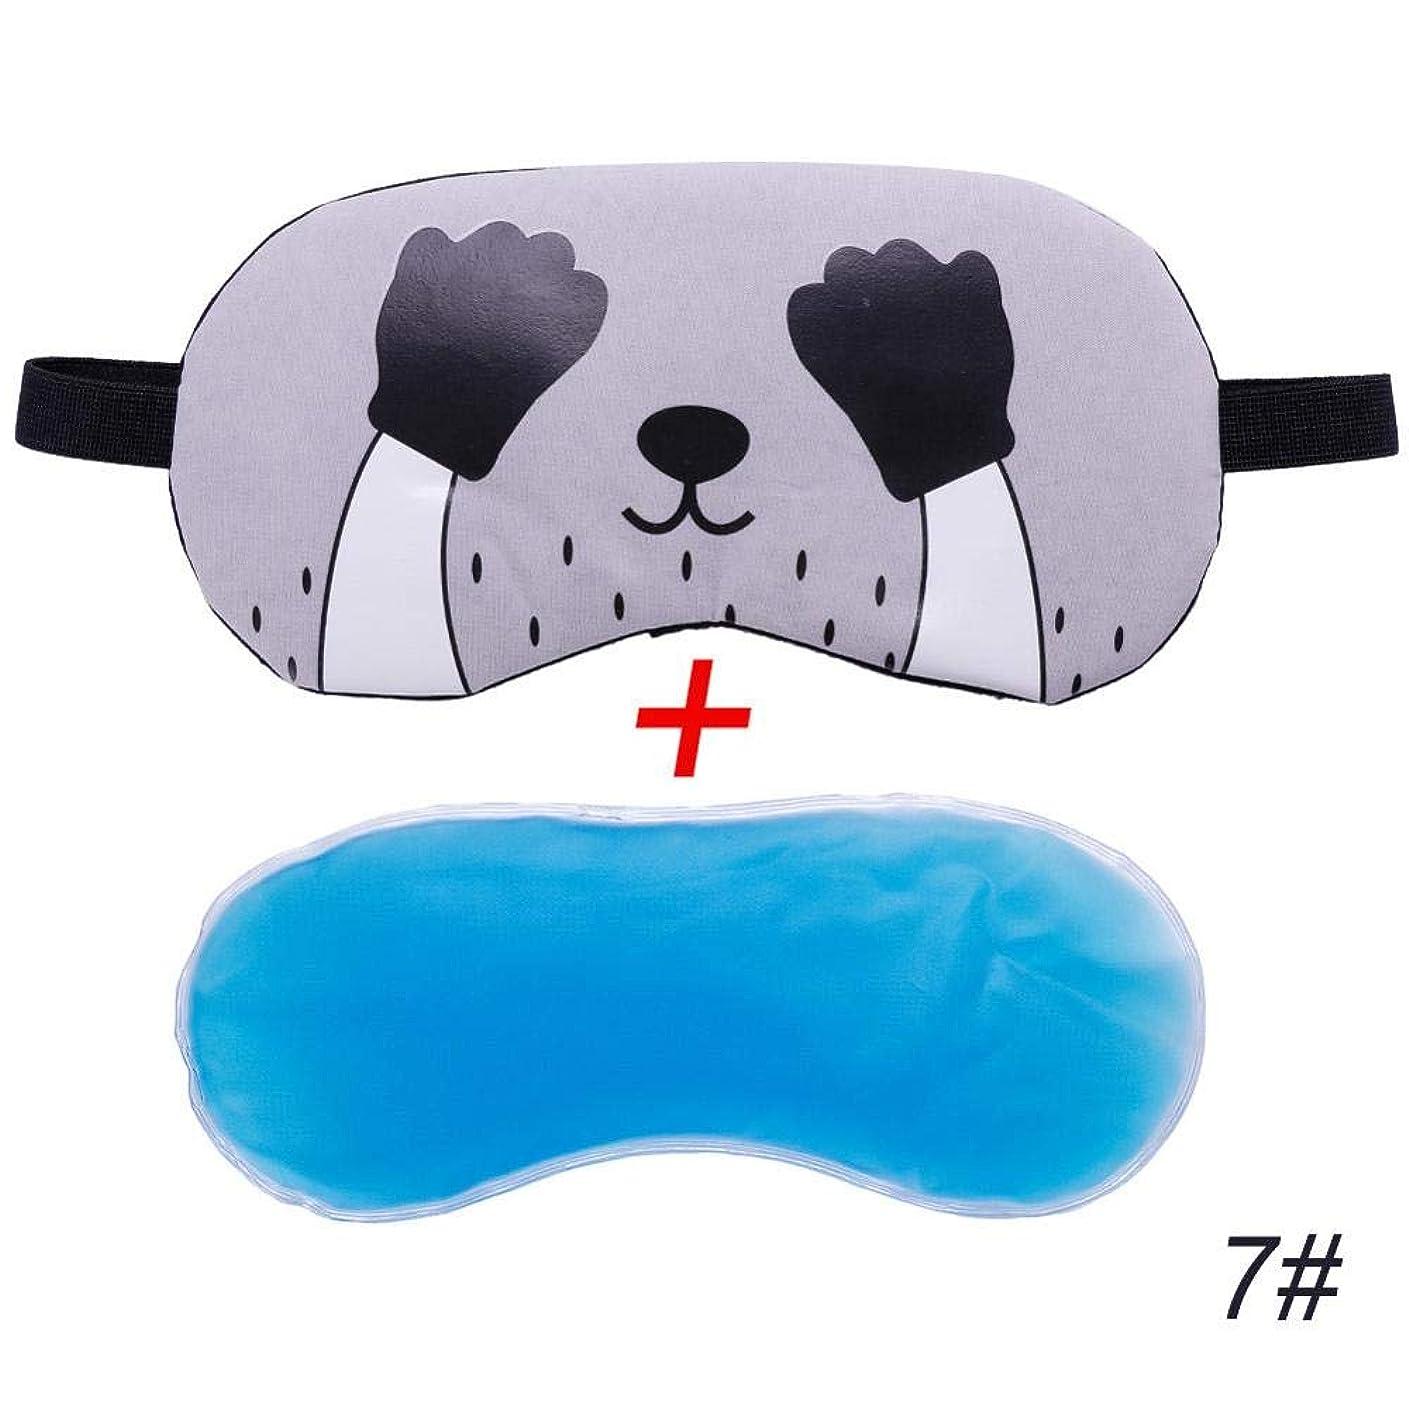 隔離する羊の服を着た狼上にNOTE 1ピース漫画リラックス氷または圧縮アイシェード睡眠アイマスク旅行リラックス睡眠補助ヘルスケア目ツール#280205